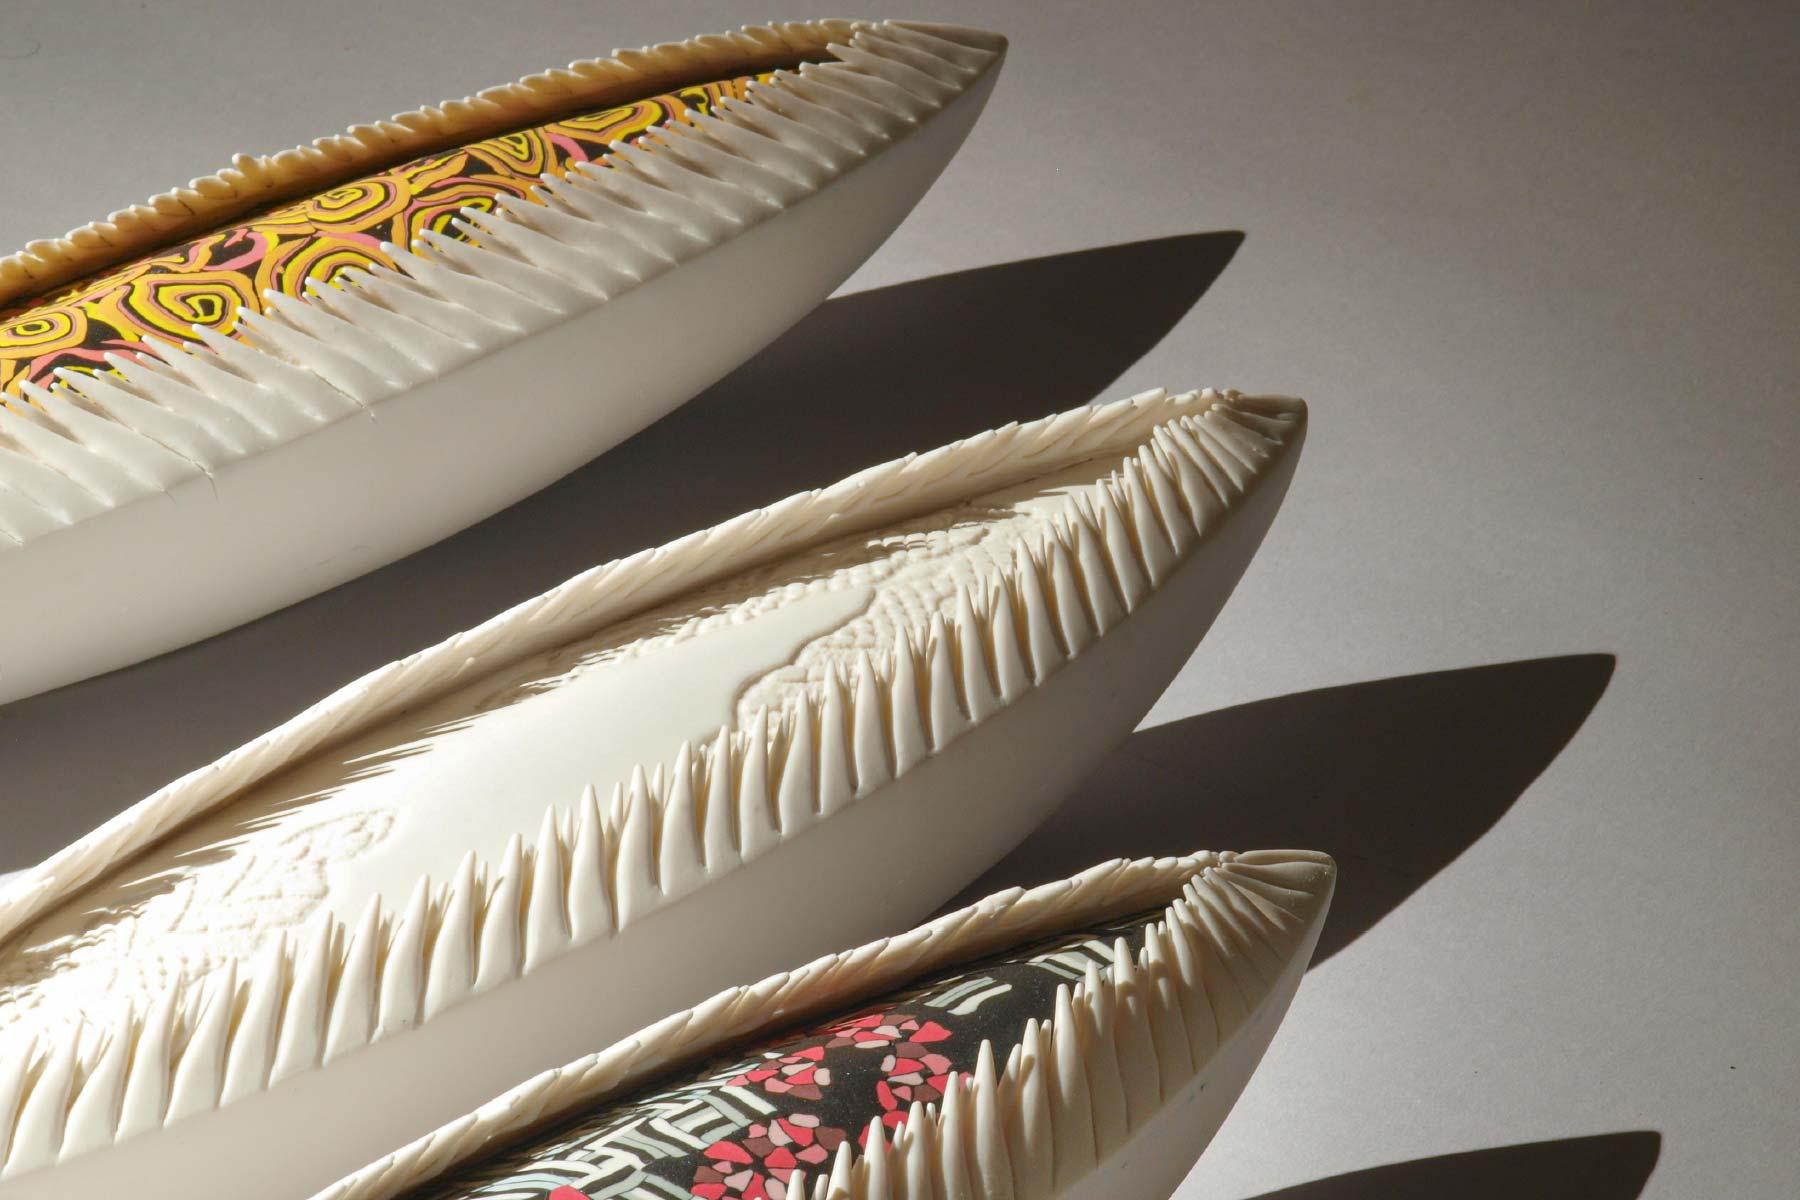 Sculptures Indecen laces Series Porcelain pigments Martha Pachon Rodriguez Italiano Plurale artist